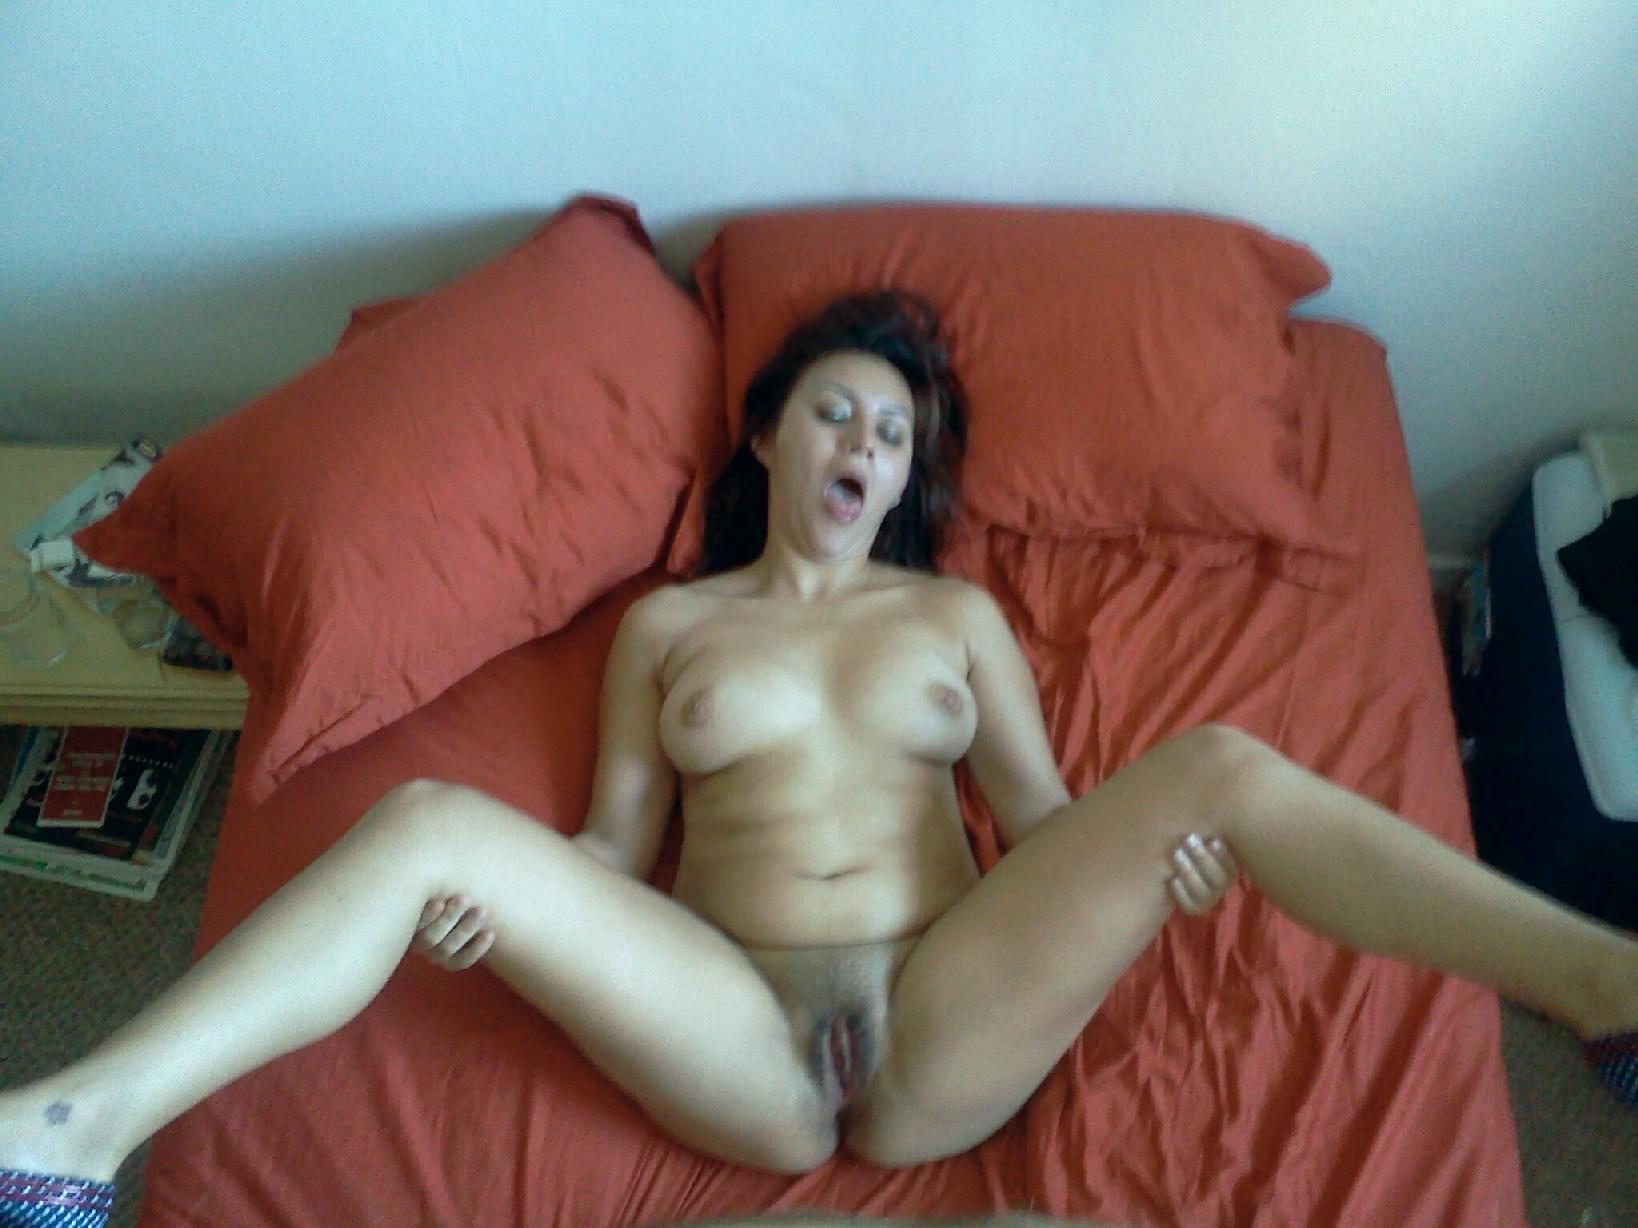 Дама расставила ножки на кровати и открыла ротик